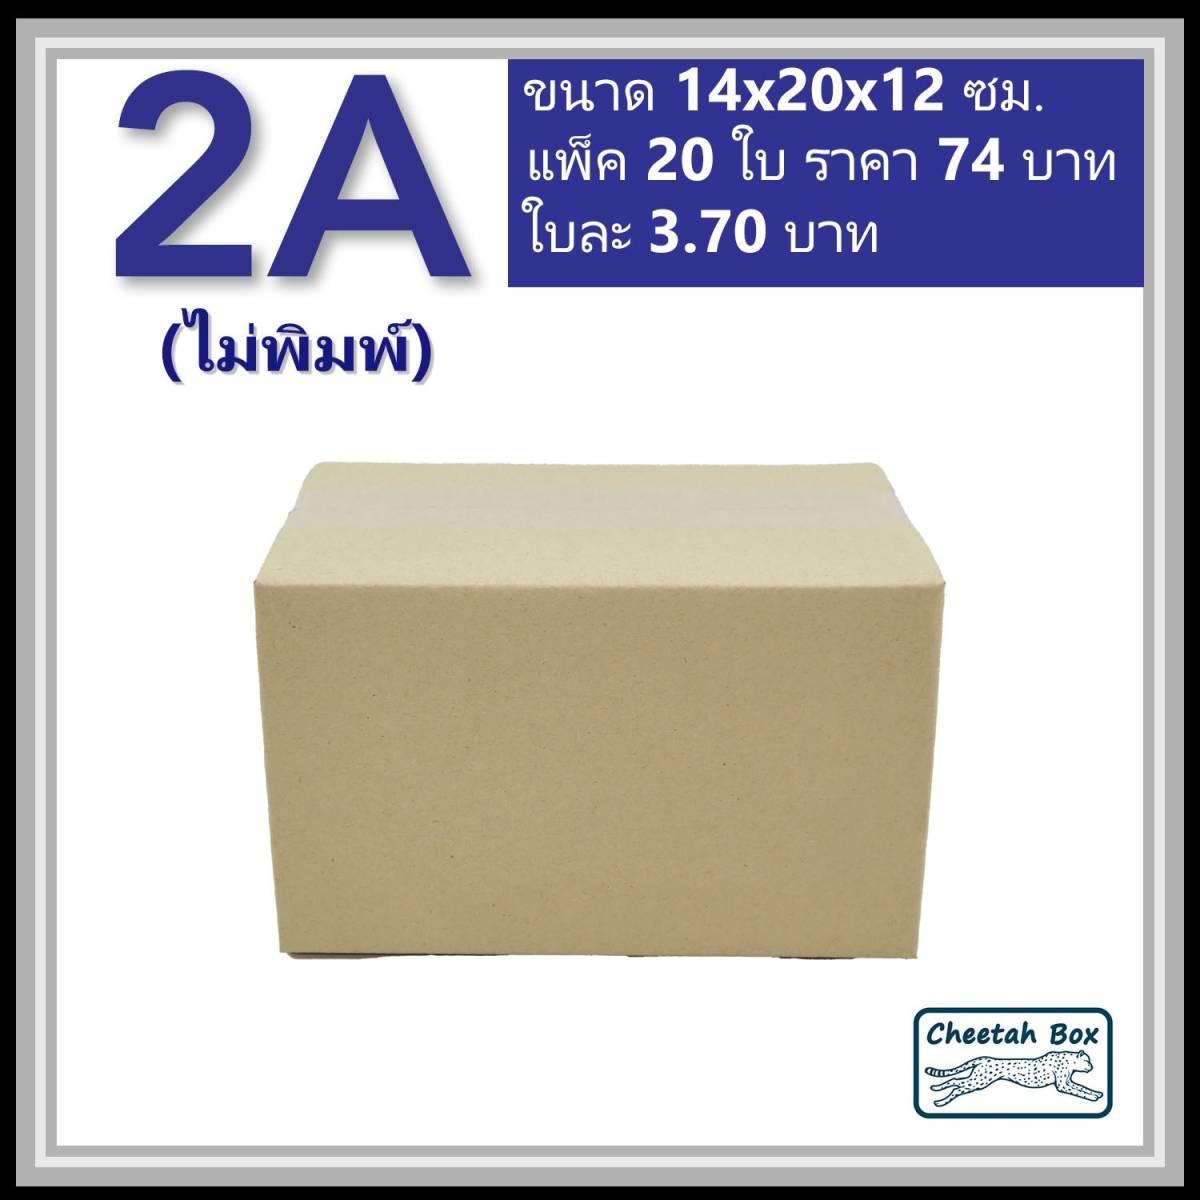 กล่องไปรษณีย์ 2A ไม่พิมพ์ (Cheetah Box ขนาด 14*20*12 CM)